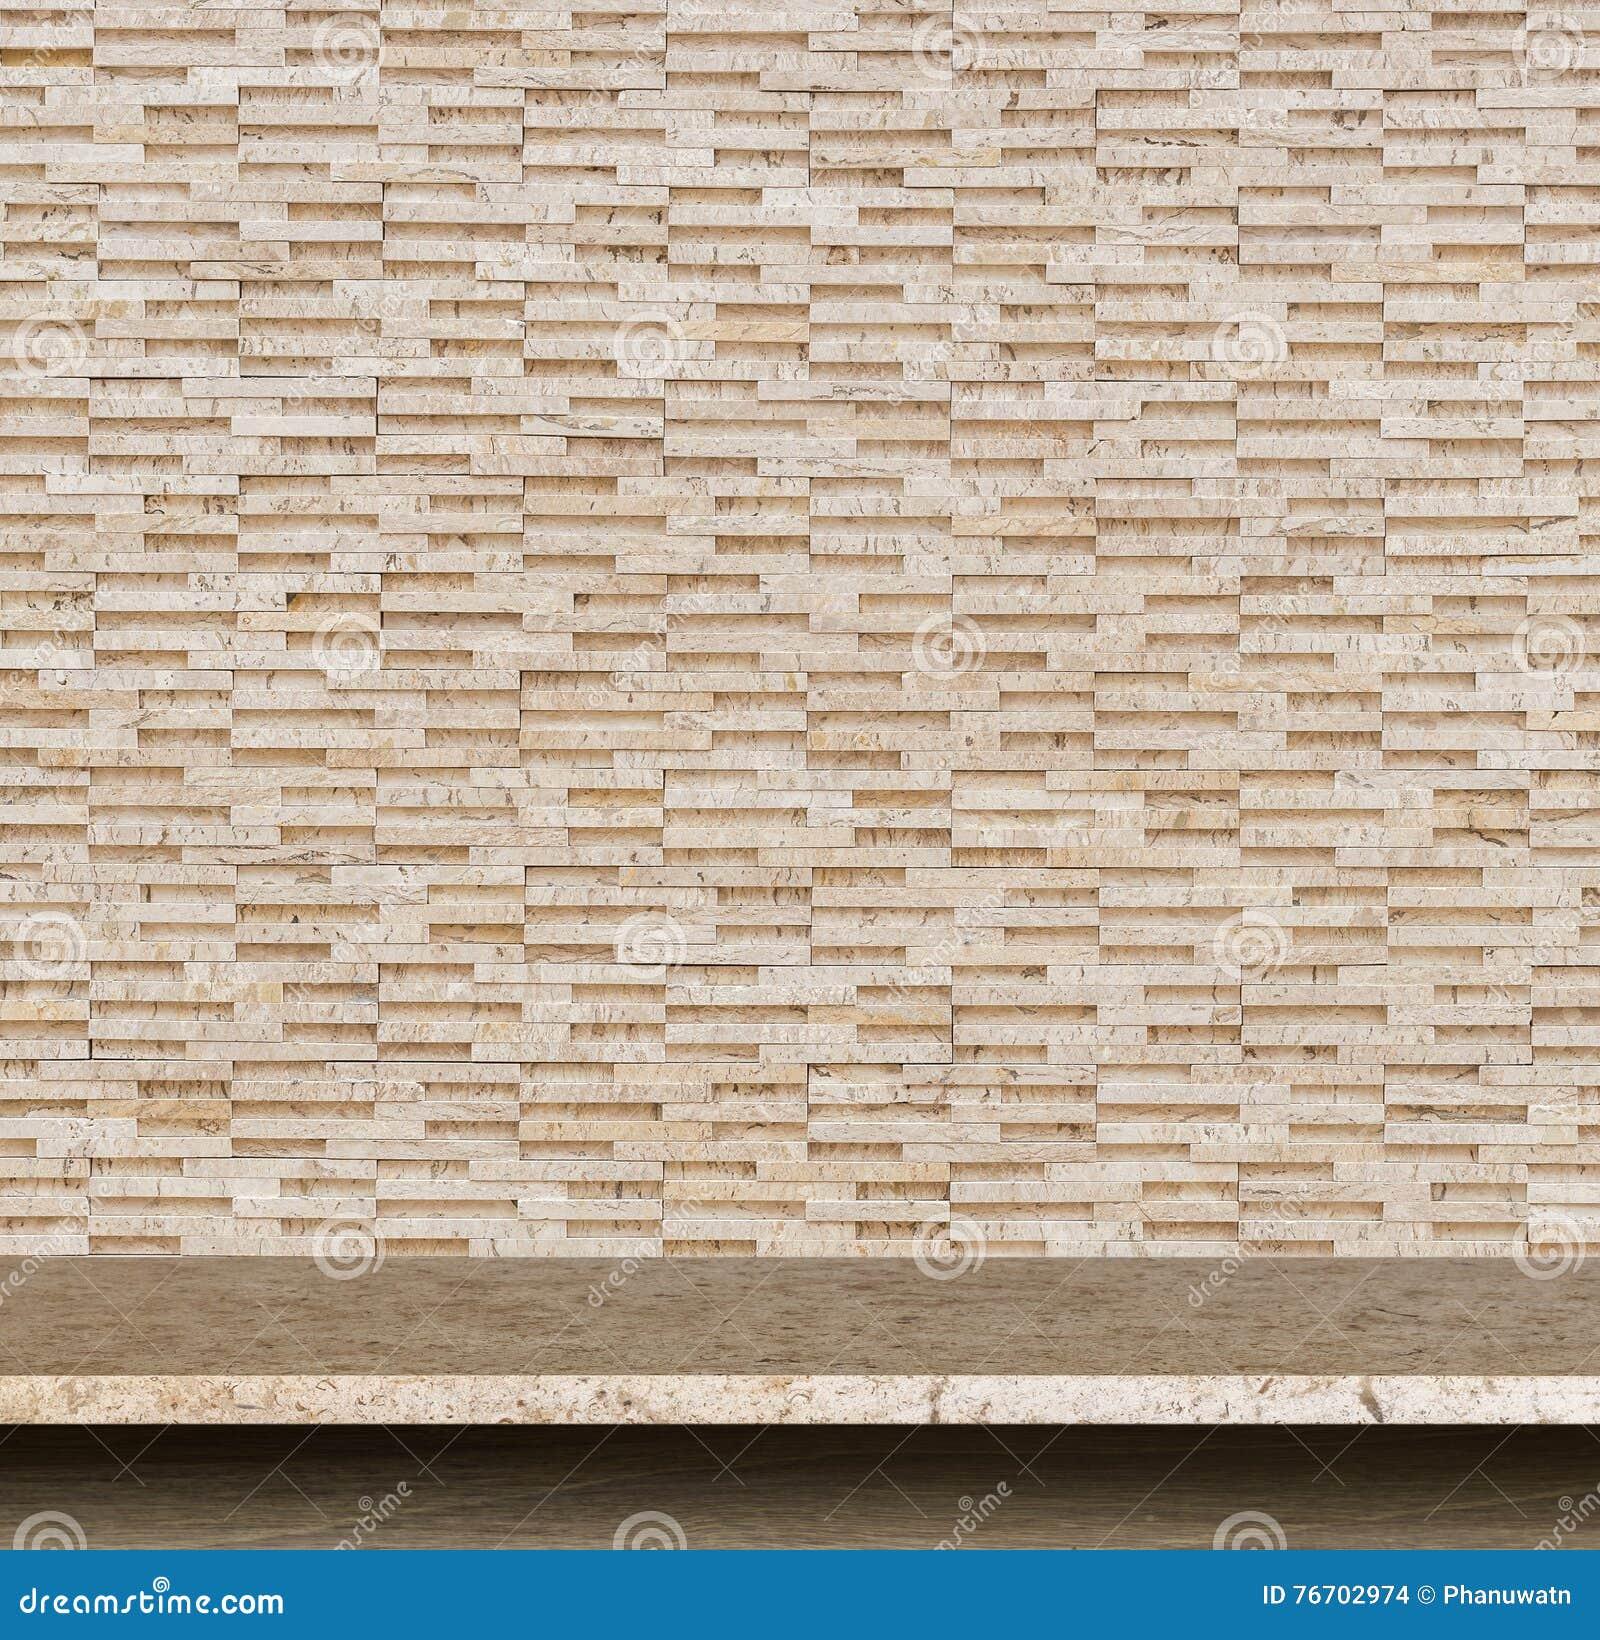 Vacie el top de fondo de la tabla de piedra natural y de la pared de piedra